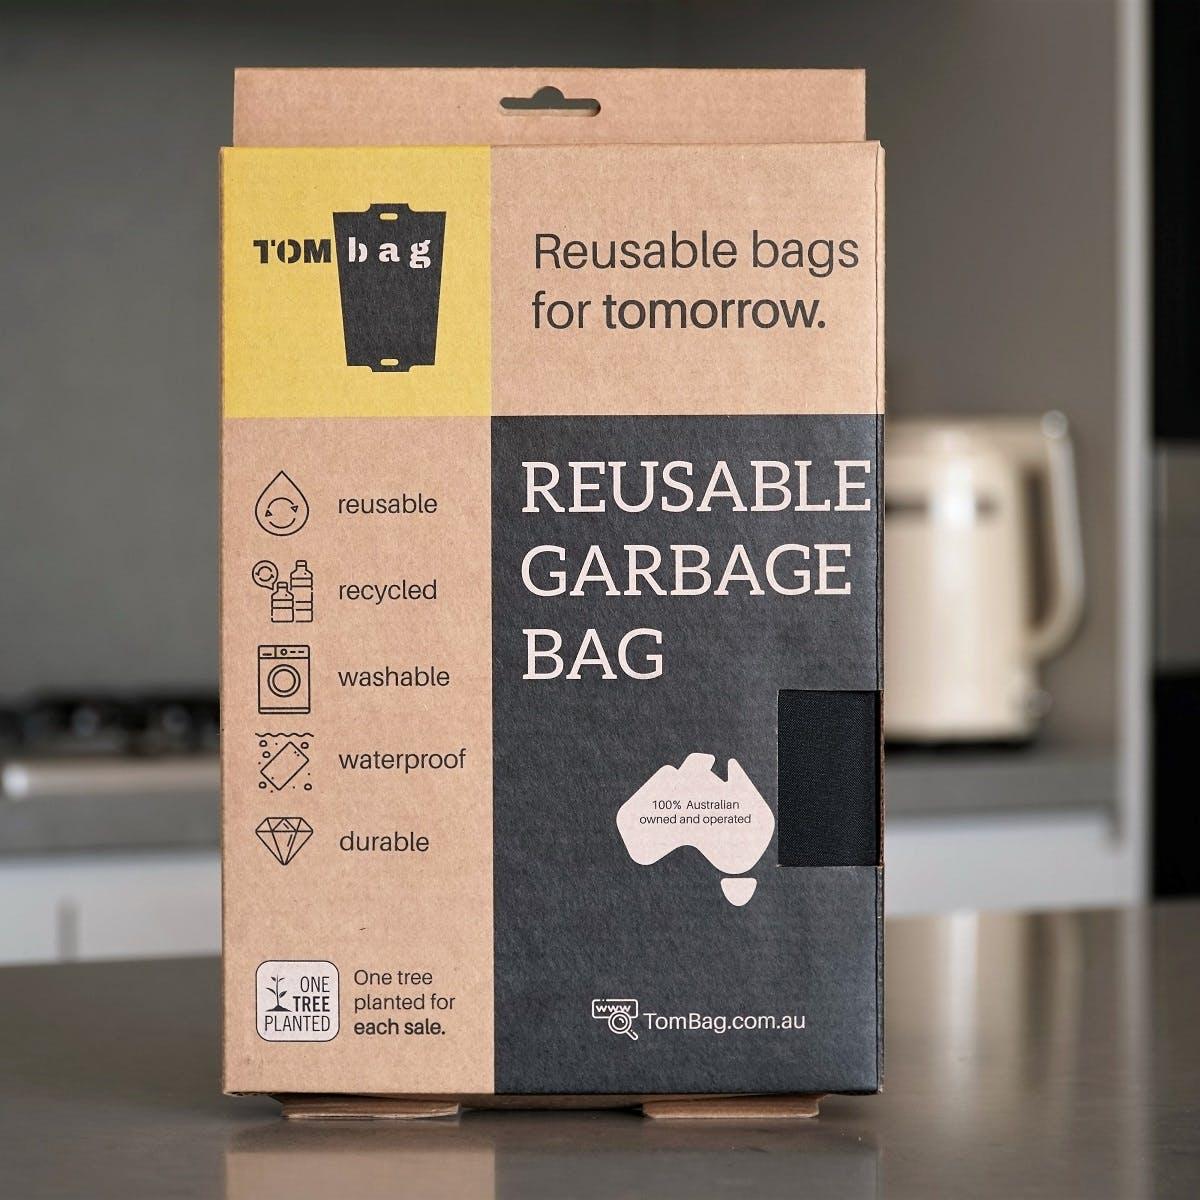 A reusable bin bag